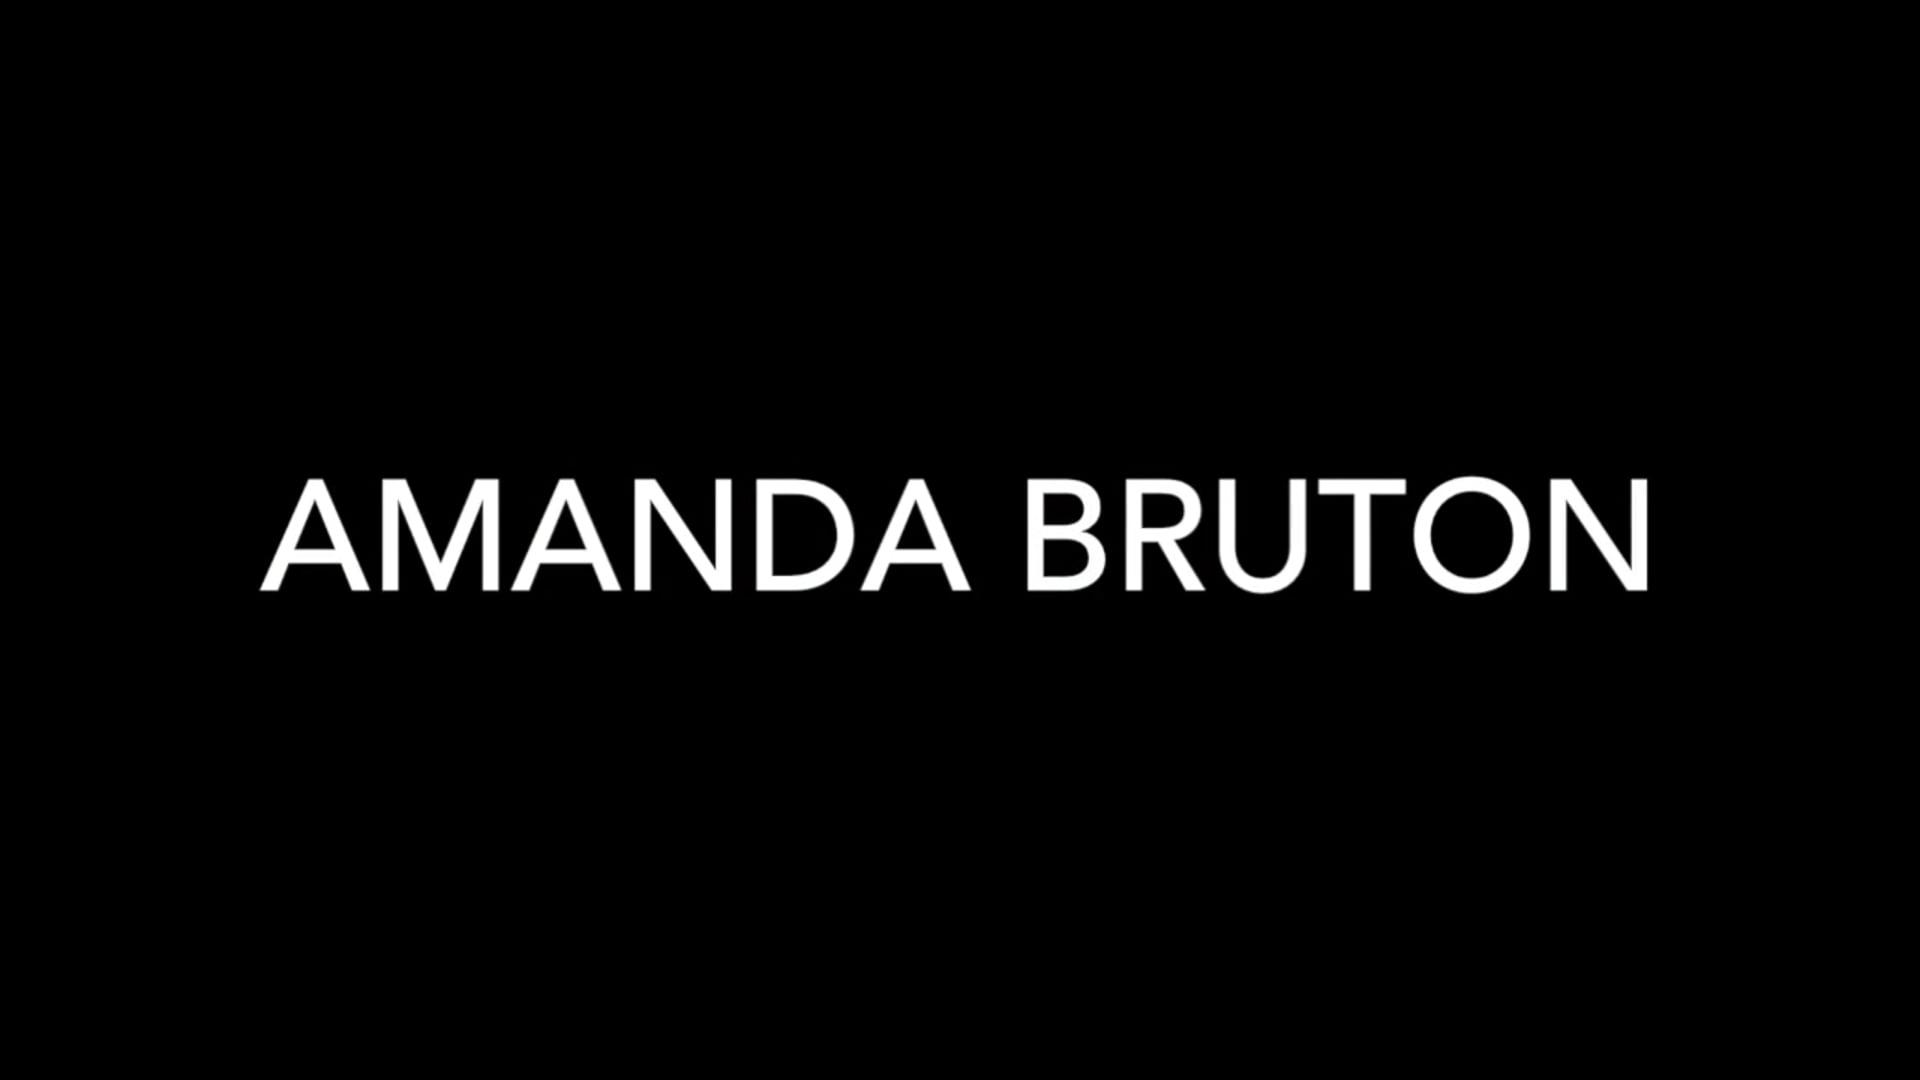 Amanda Bruton REEL